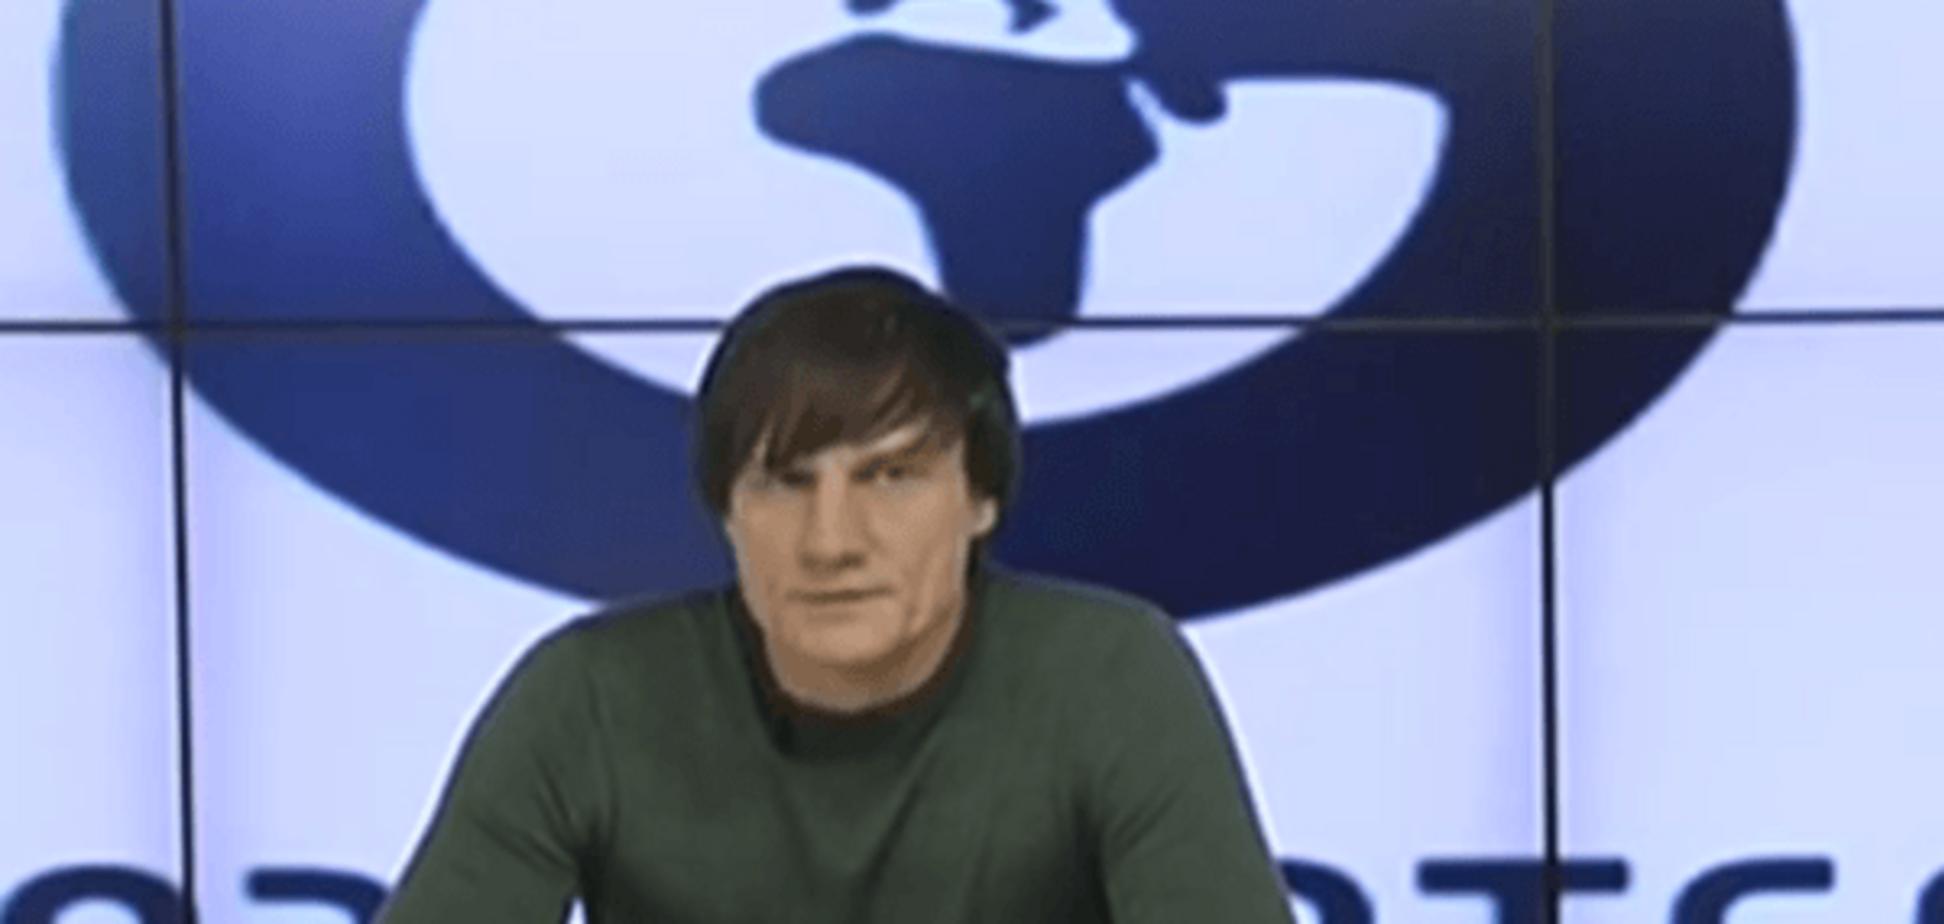 'Ума у них не много': Захаров назвал жителей Донбасса 'больными людьми'